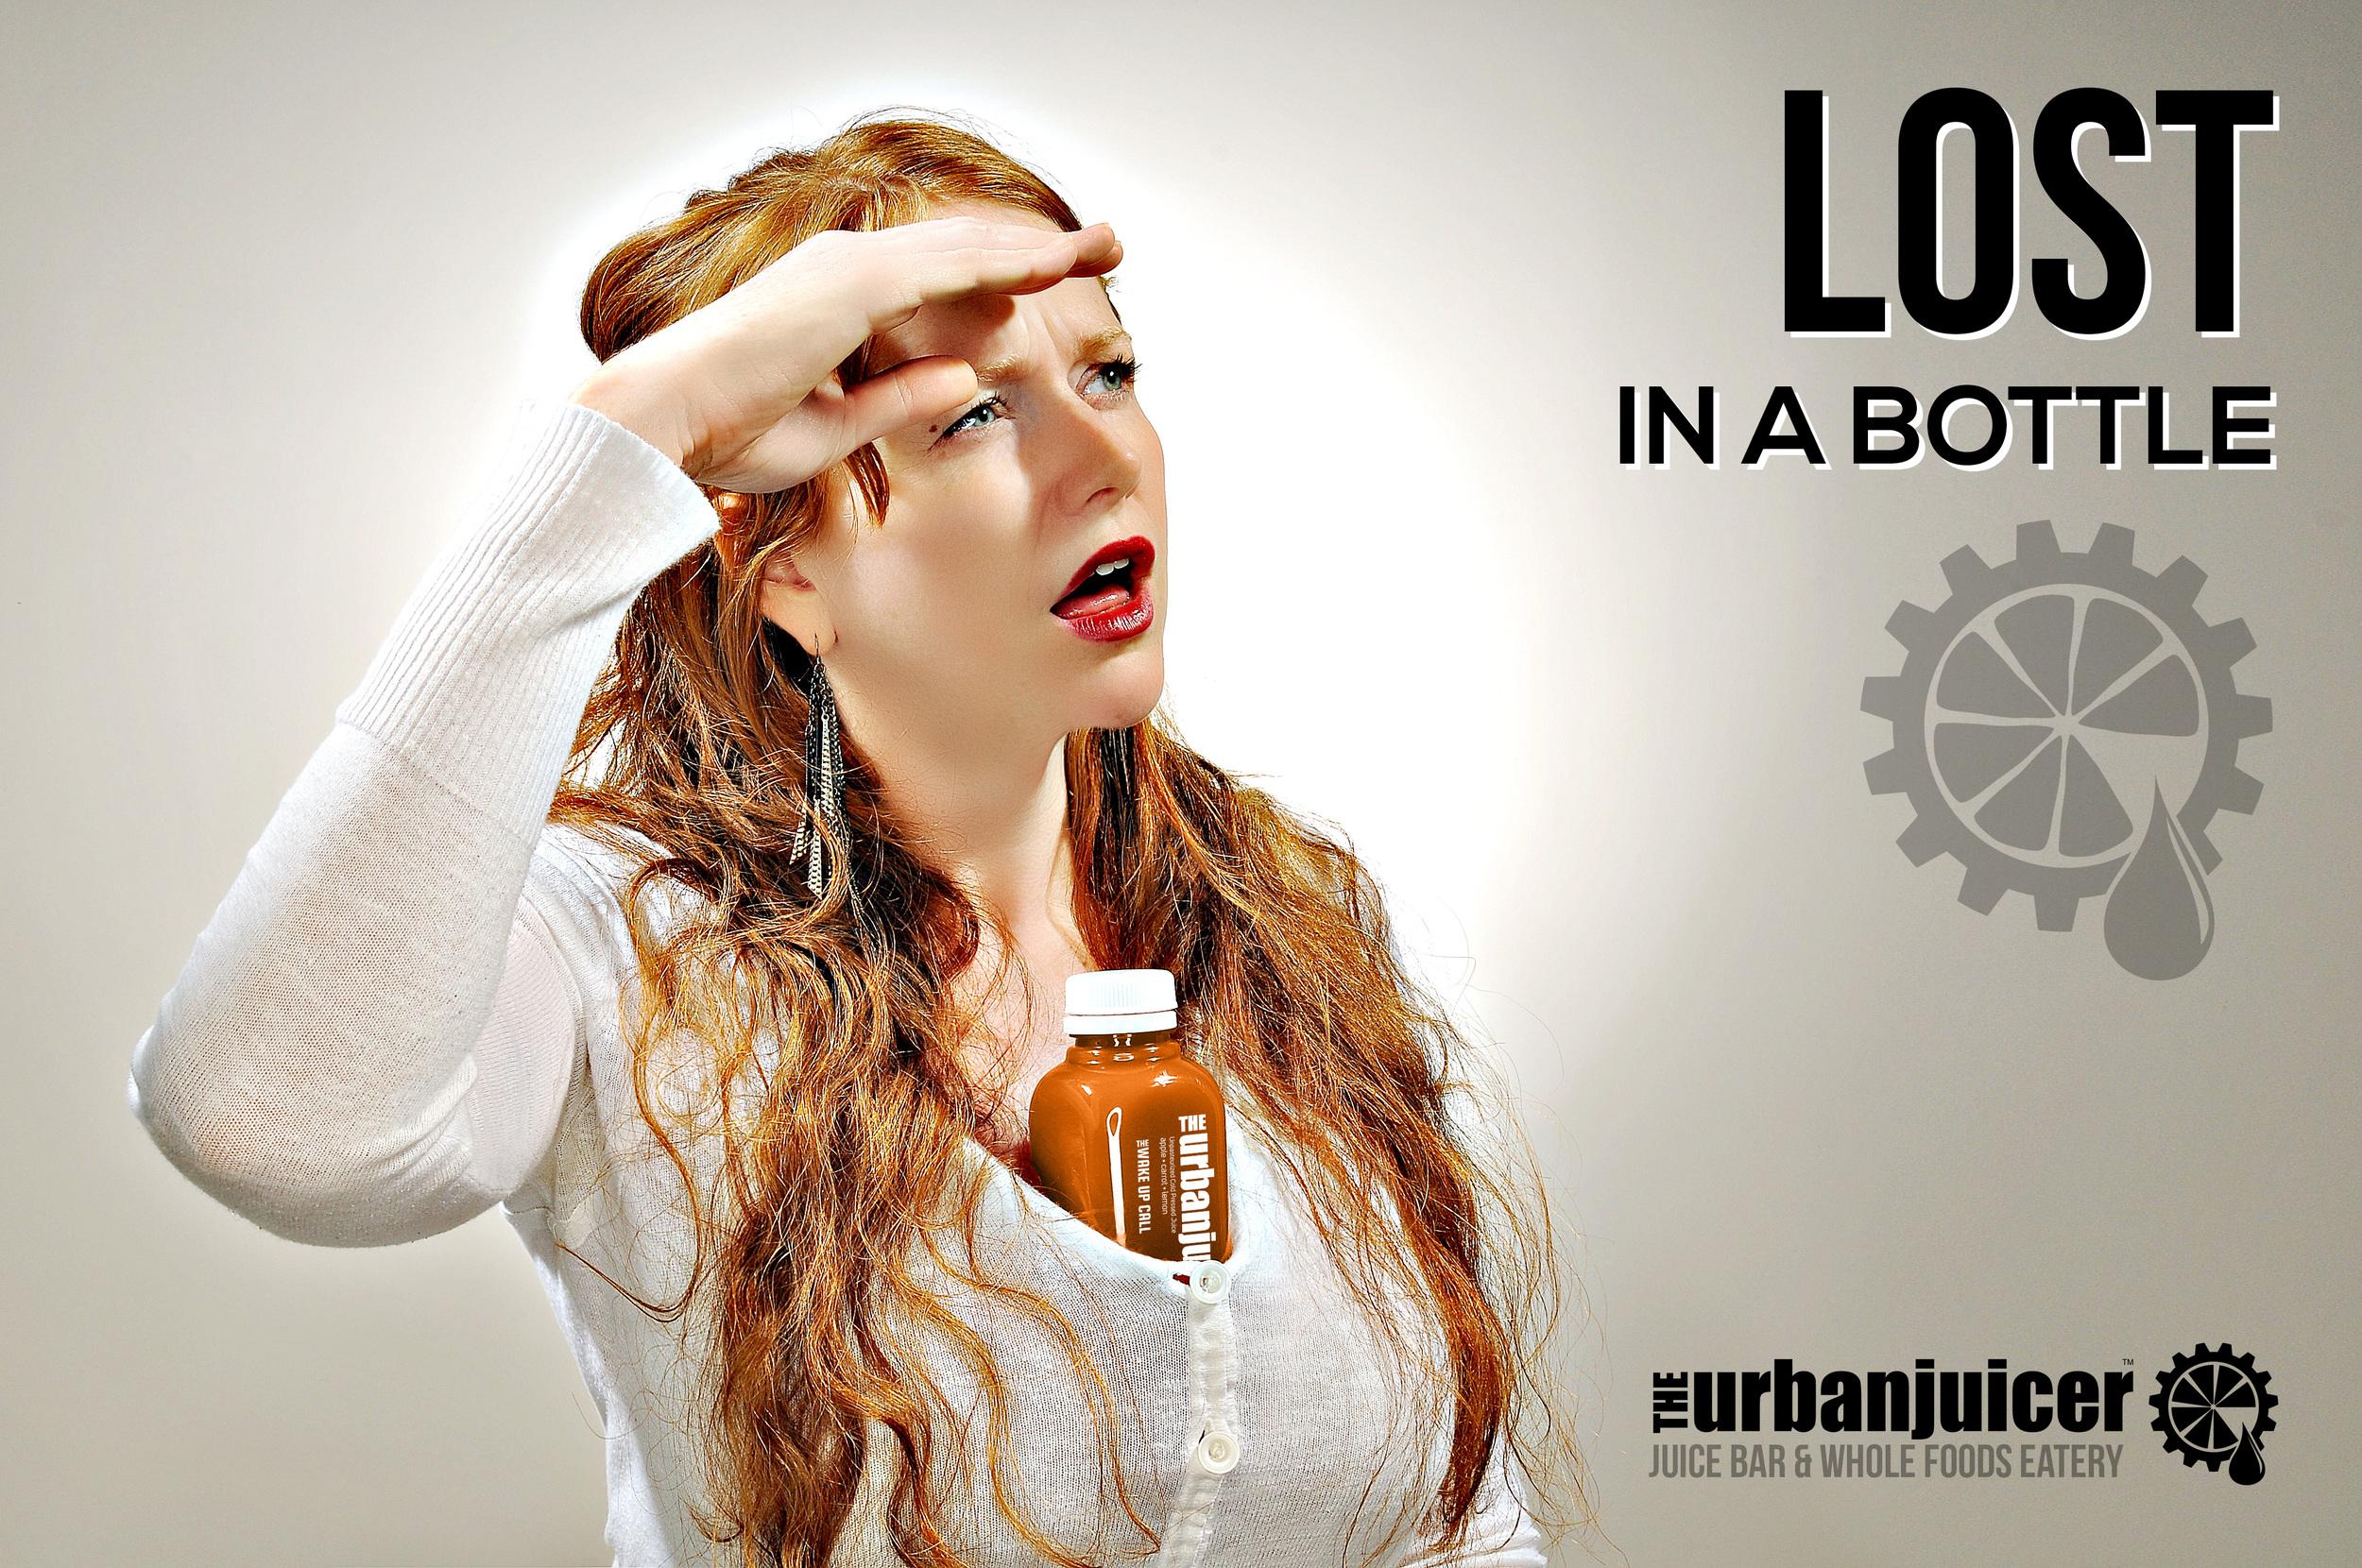 Nora-Wake-Up-Call-White-BG-Lost-Bonus-01.jpg